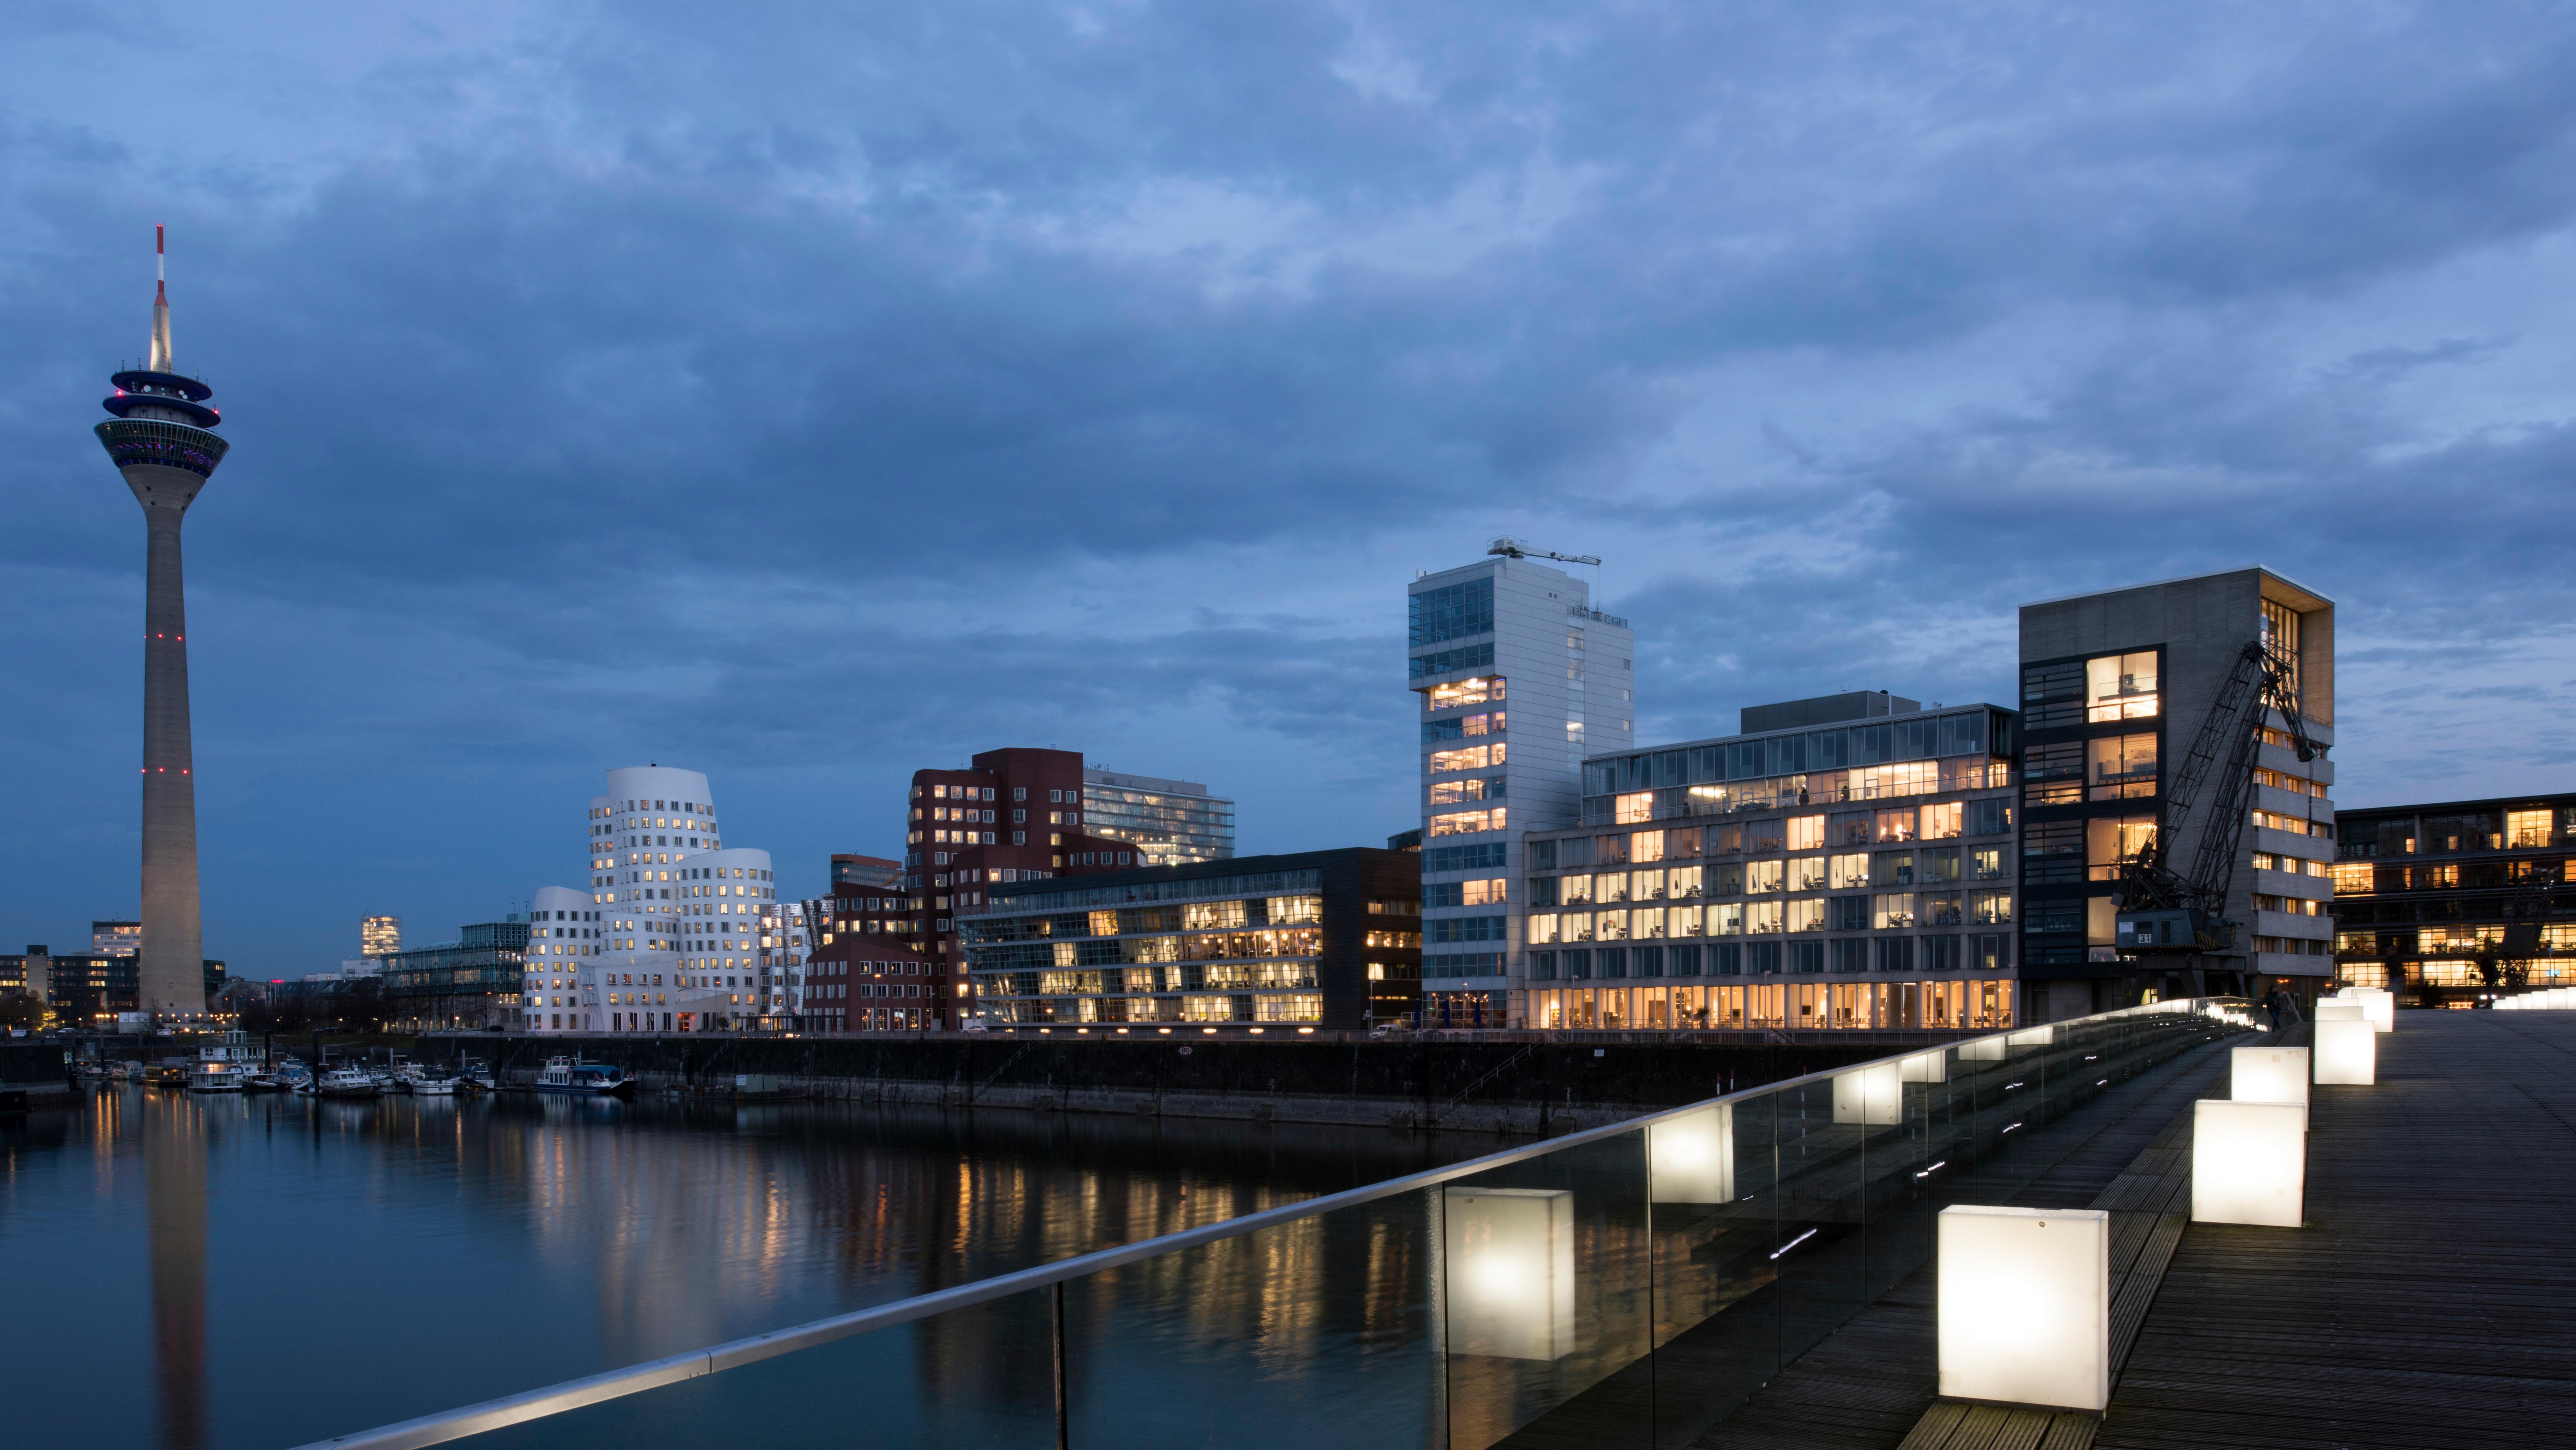 Event: Koleksiyon eröffnet in Düsseldorf einen neuen Showroom ...